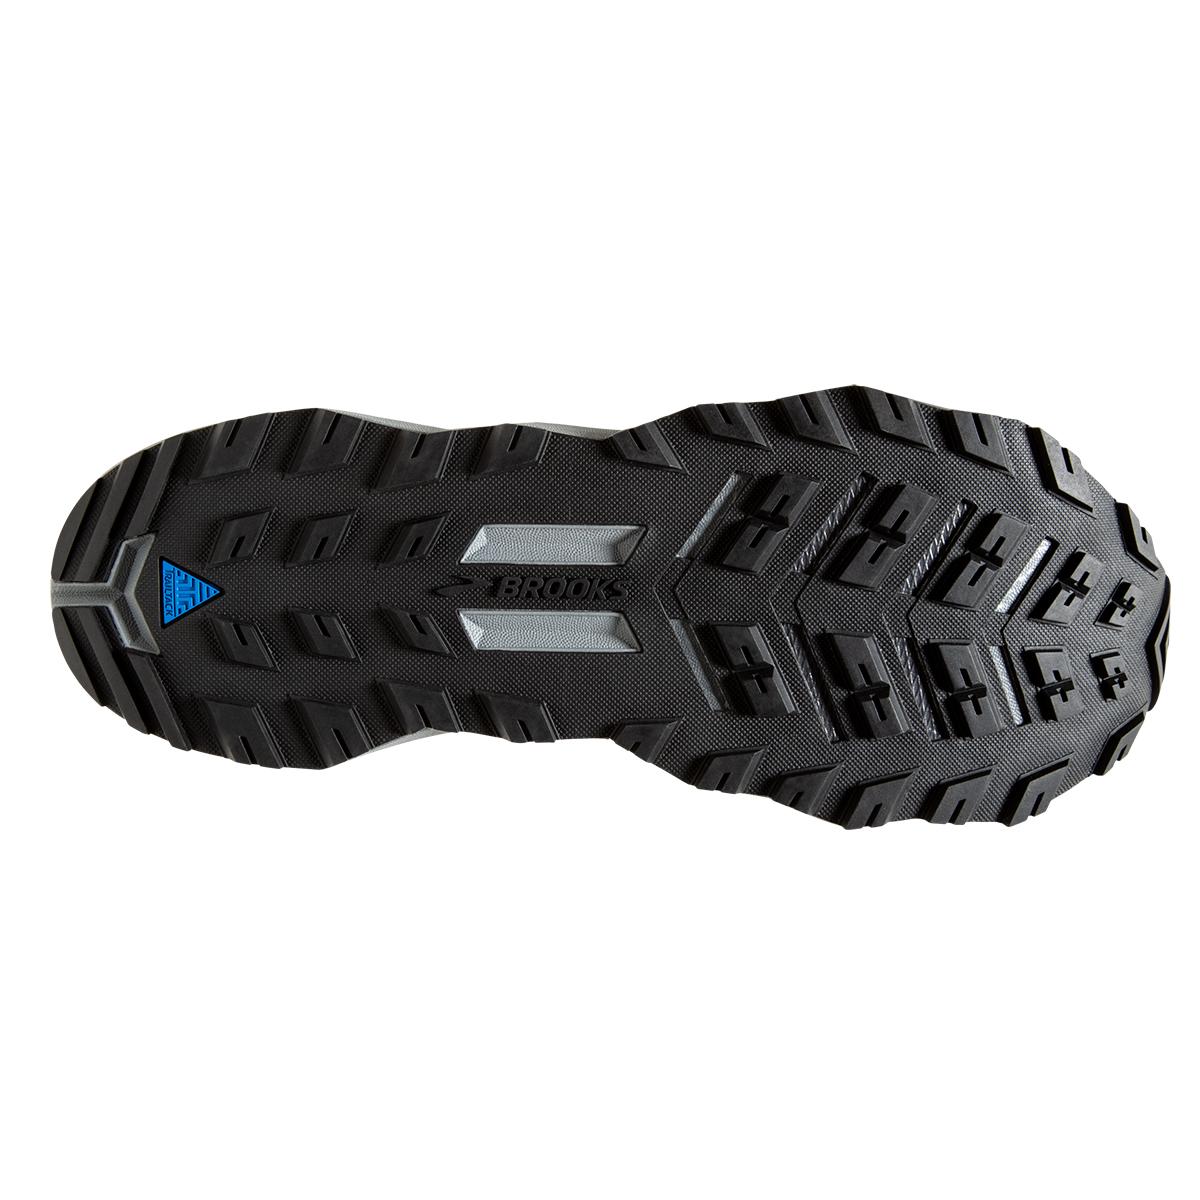 Men's Brooks Divide Trail Running Shoe - Color: Black/Grey (Regular Width) - Size: 7, Black/Grey, large, image 4